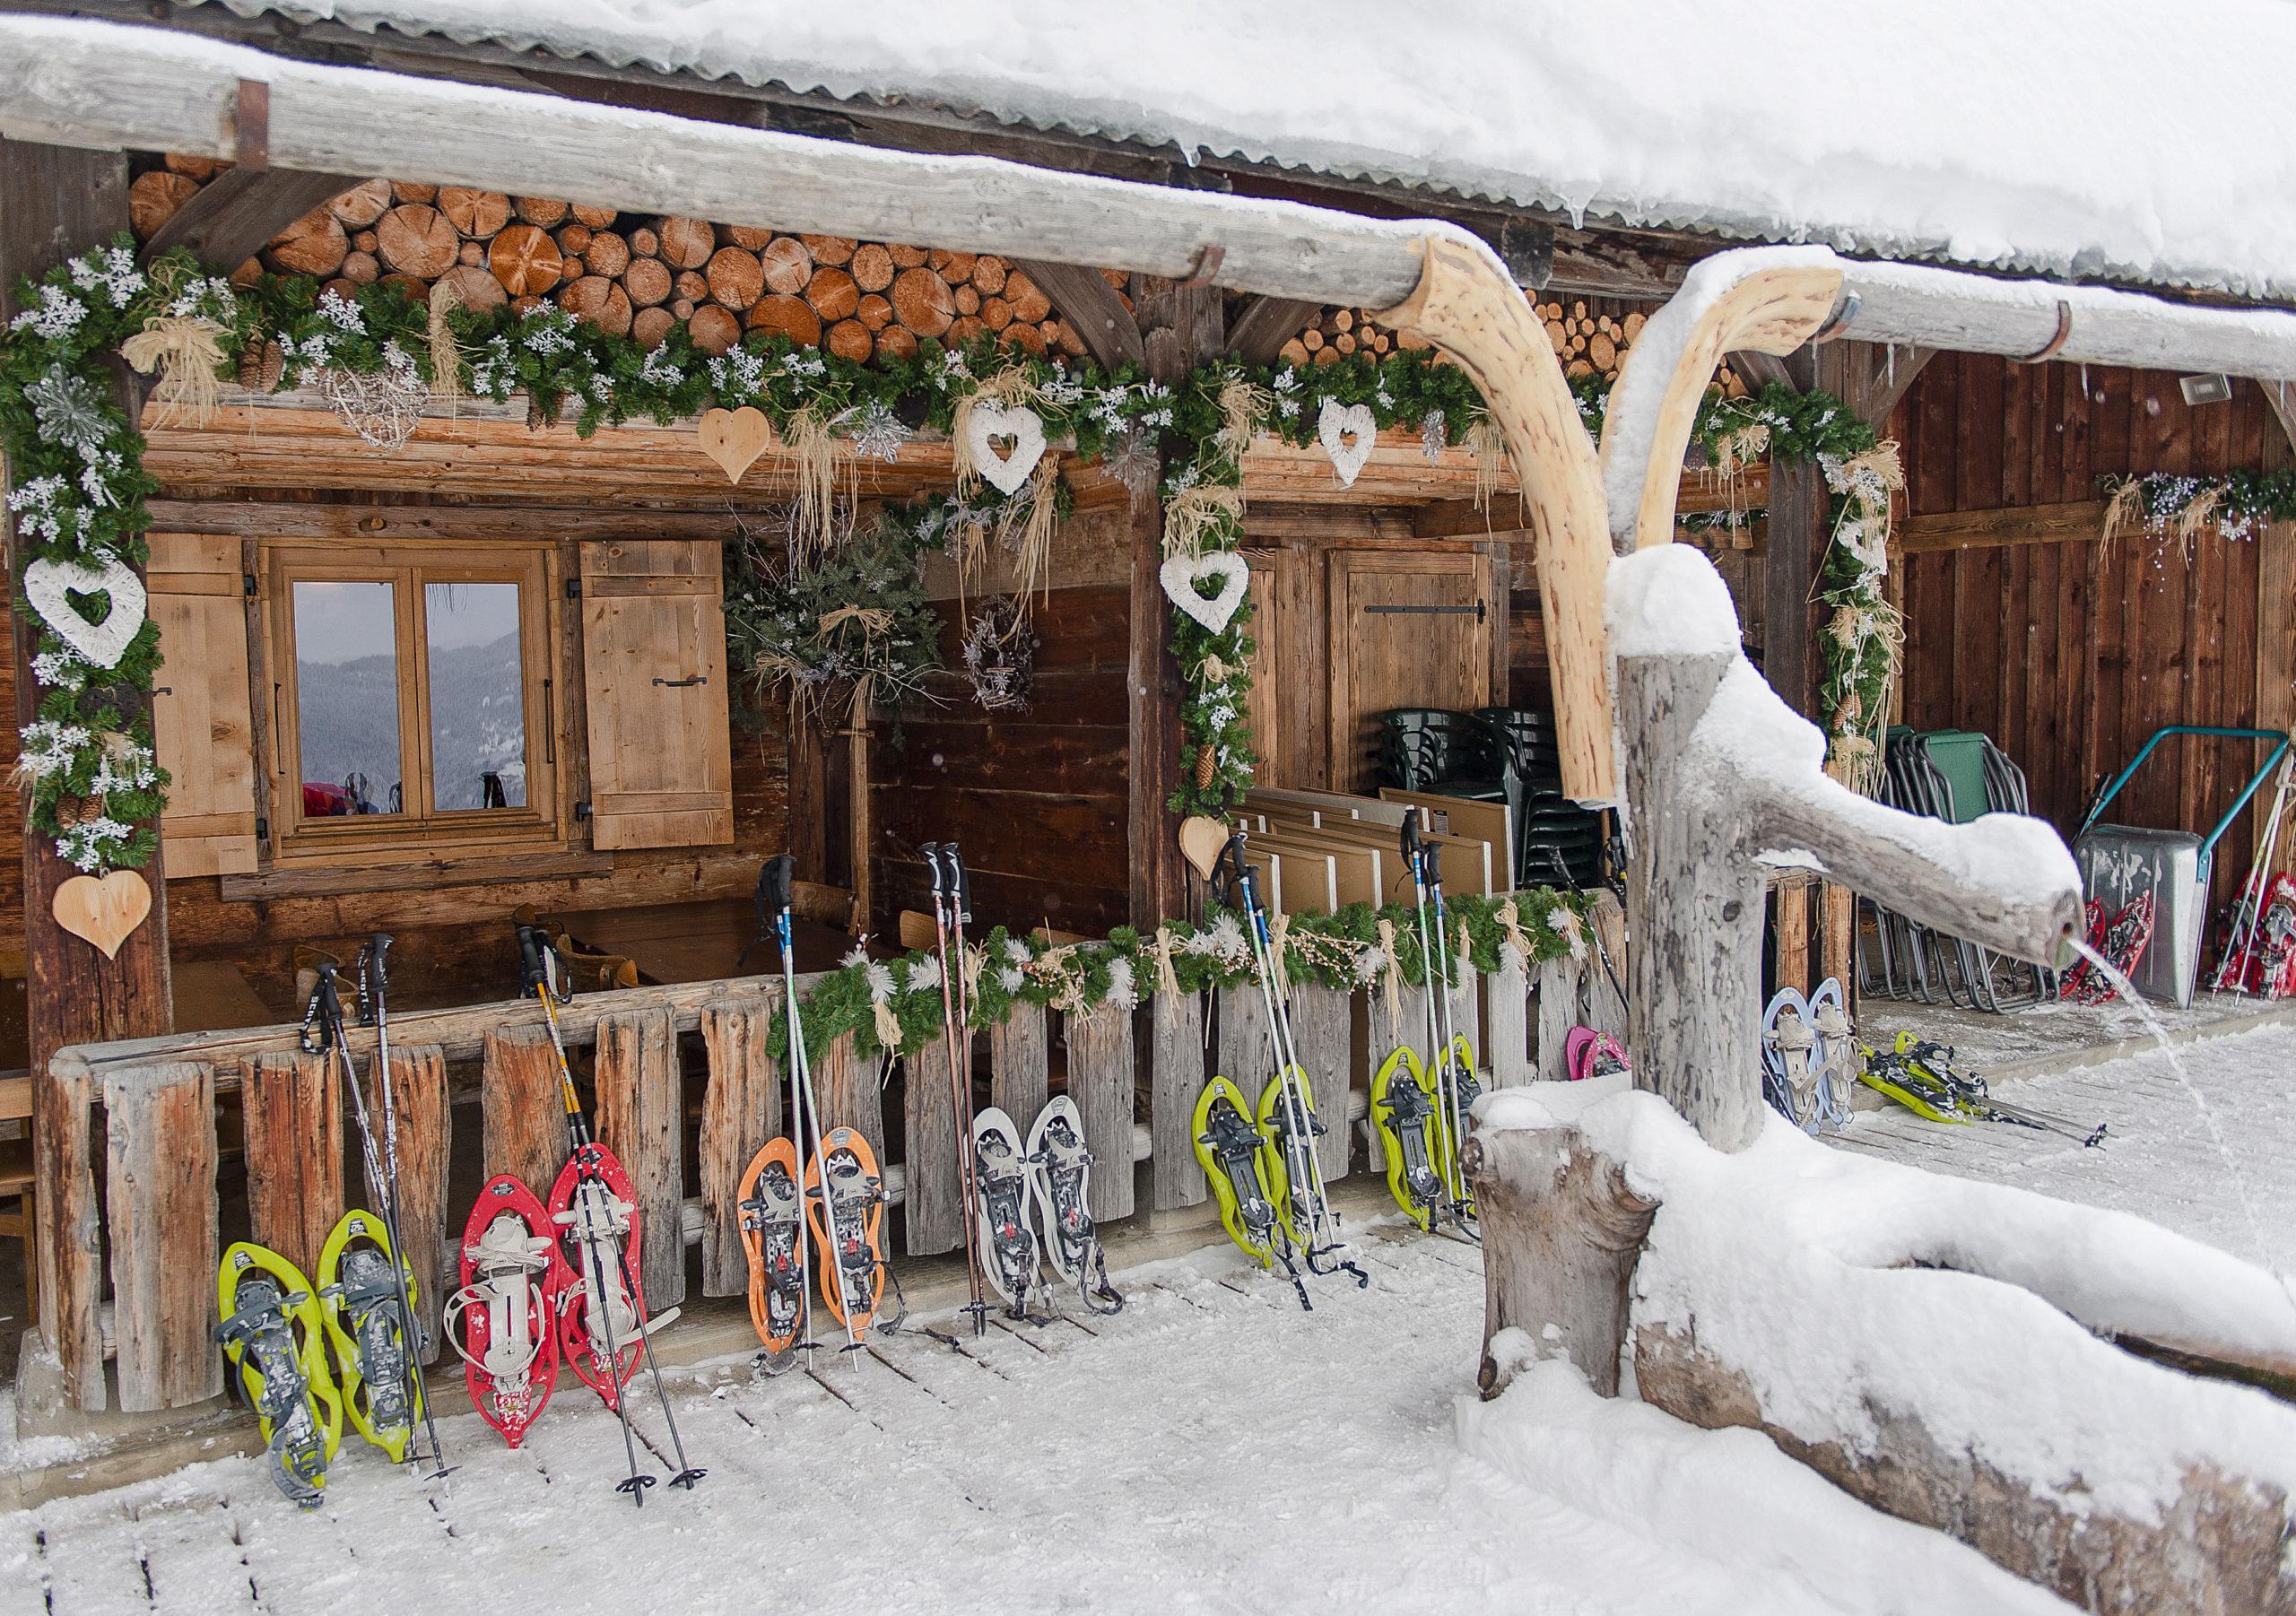 Les Gets: Schneeschuhe vor der Berghütte Lds Chevrelles. Foto: Hilke Maunder